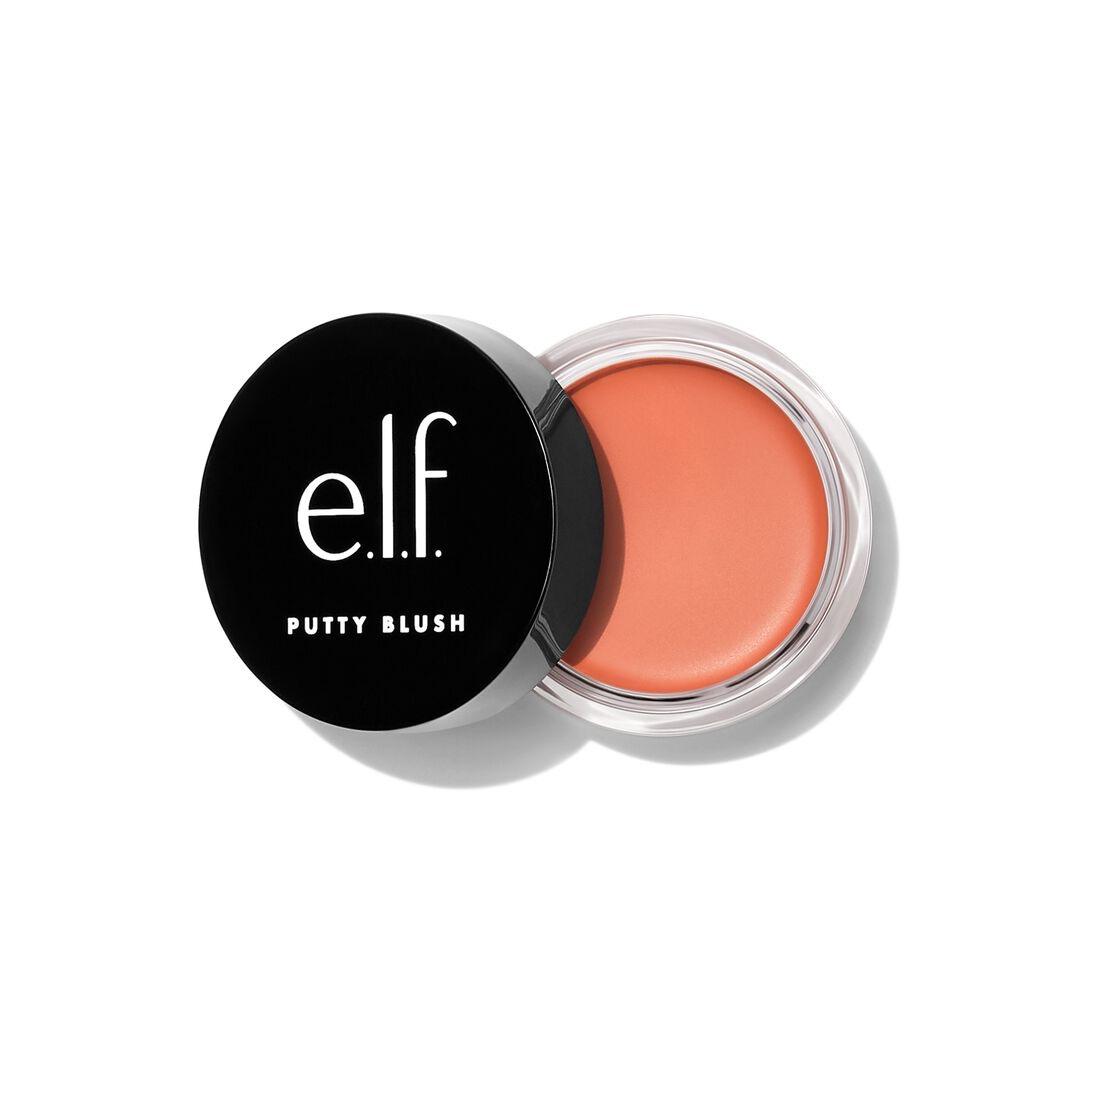 ELF Putty Blush Collection